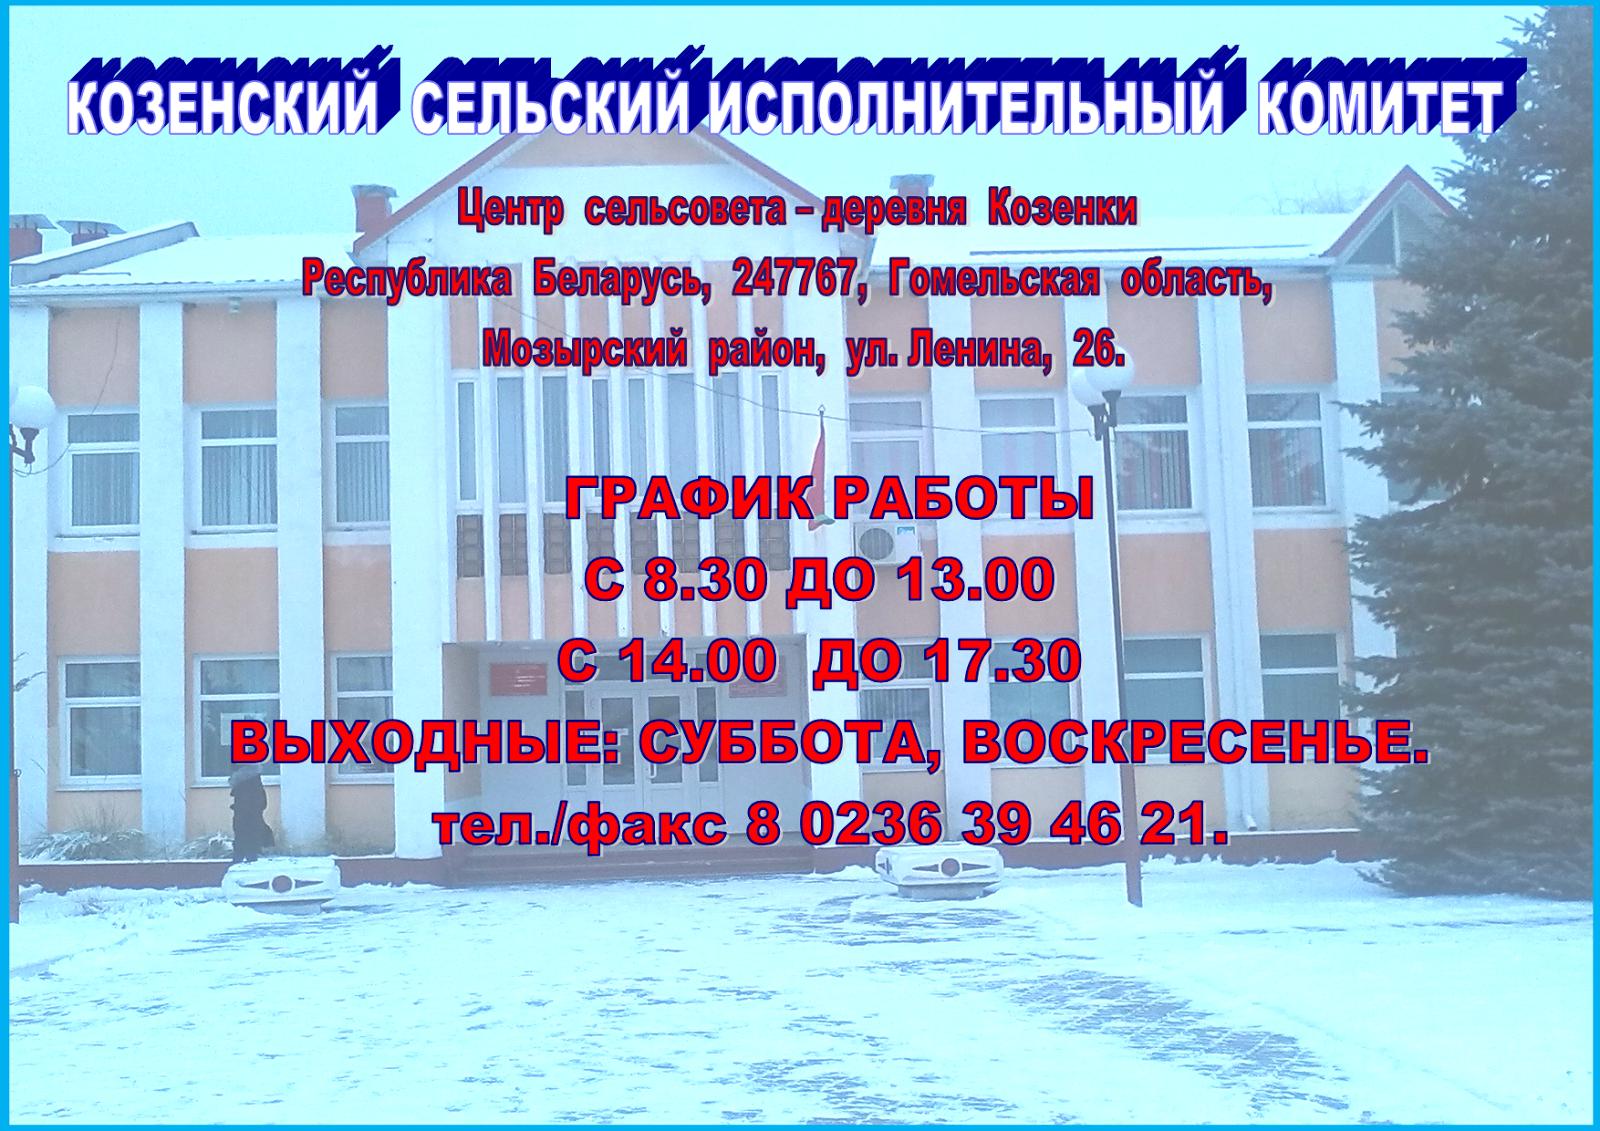 козенский сельский исполнительный комитет